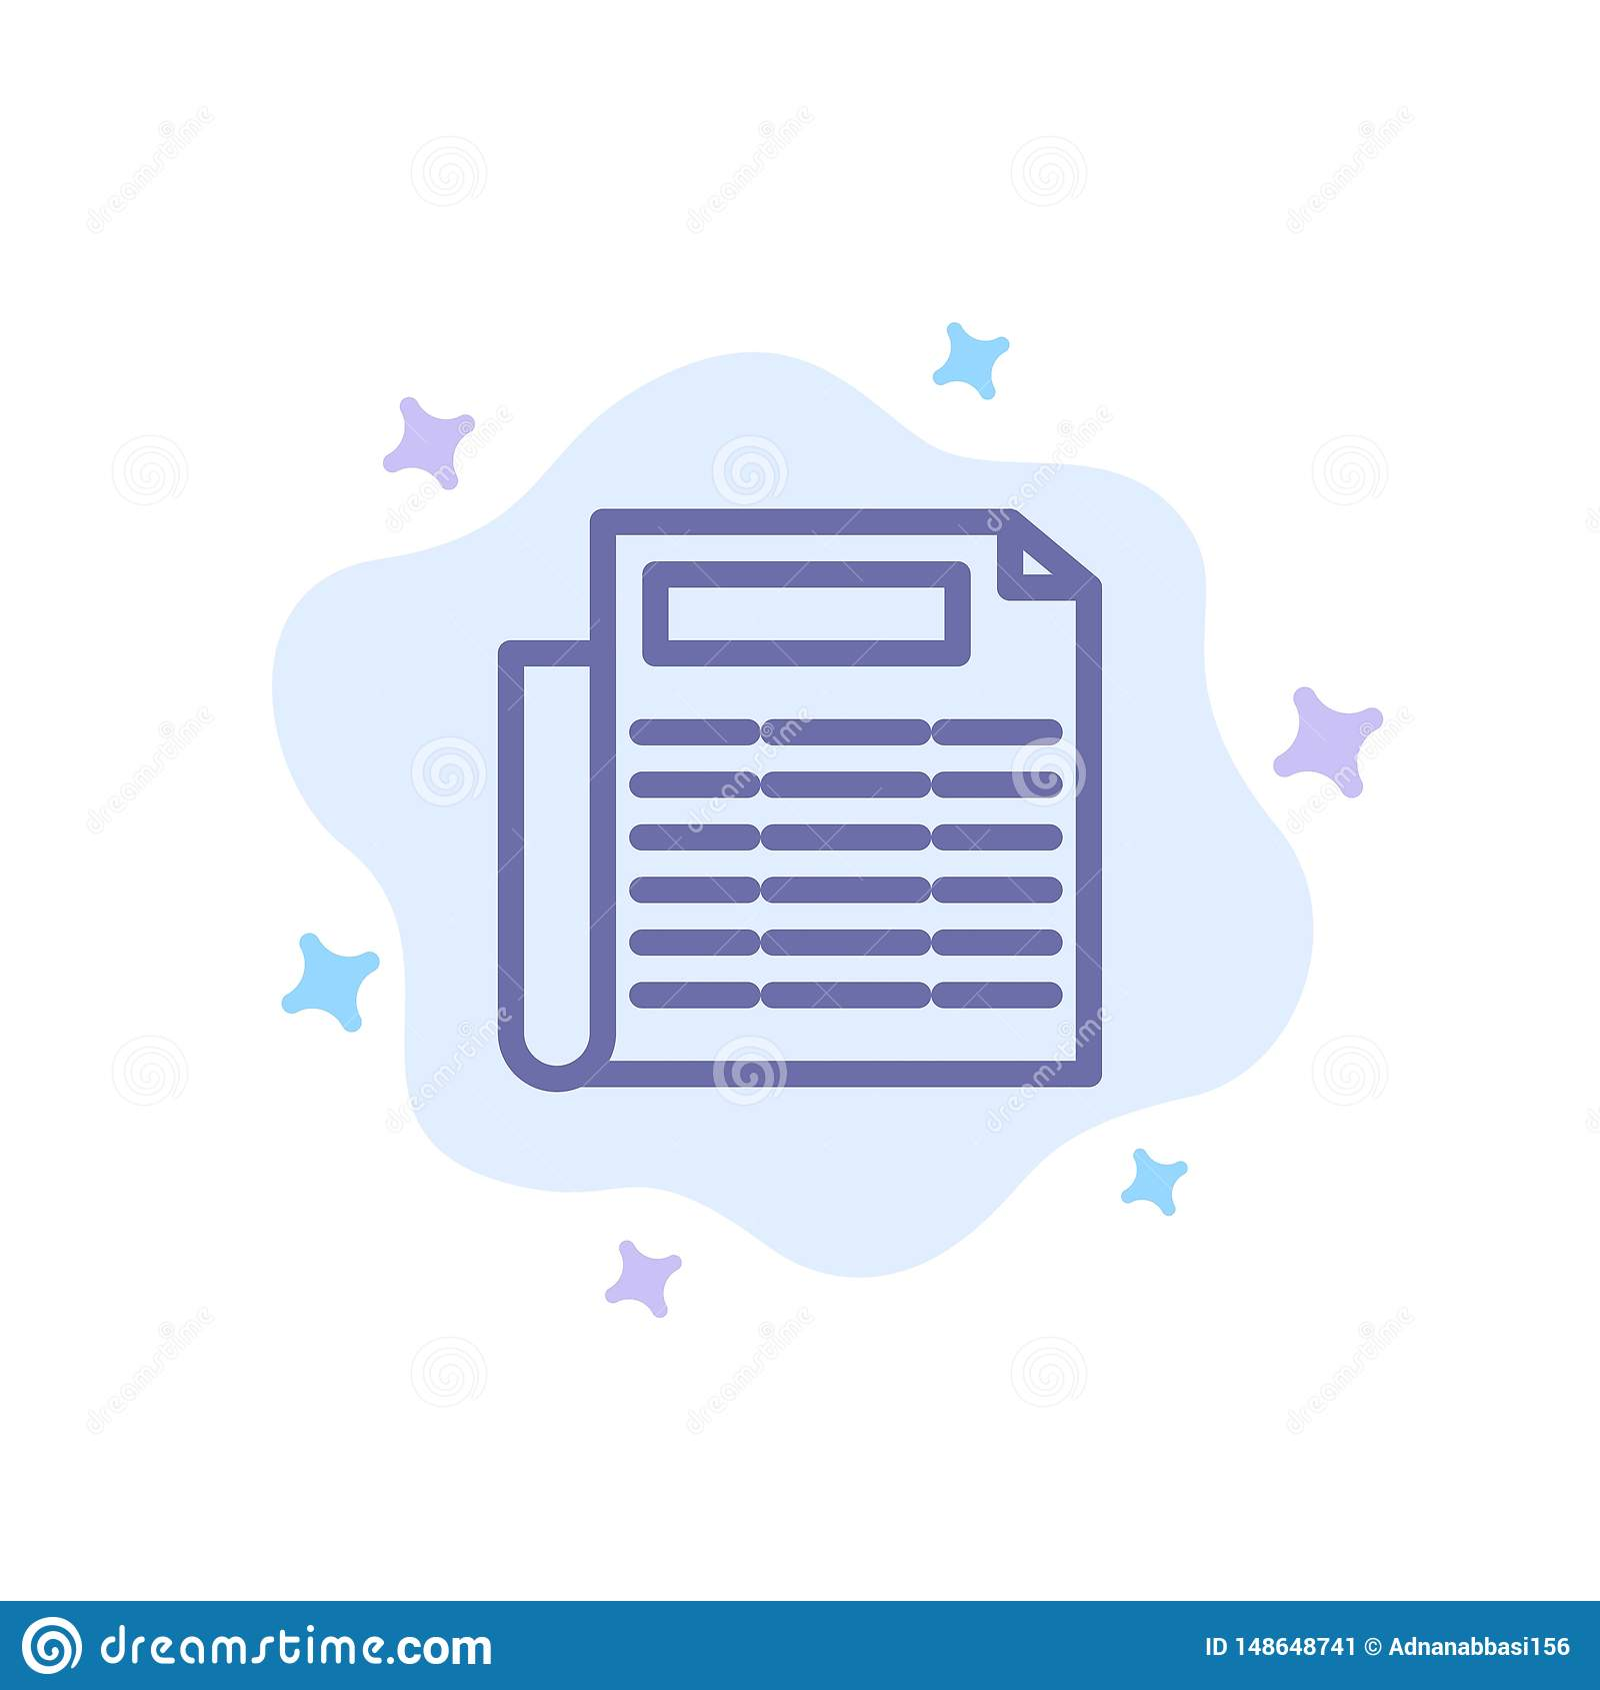 Nachrichten, Papier, Dokumenten-blaue Ikone auf abstraktem Wolken-Hintergrund